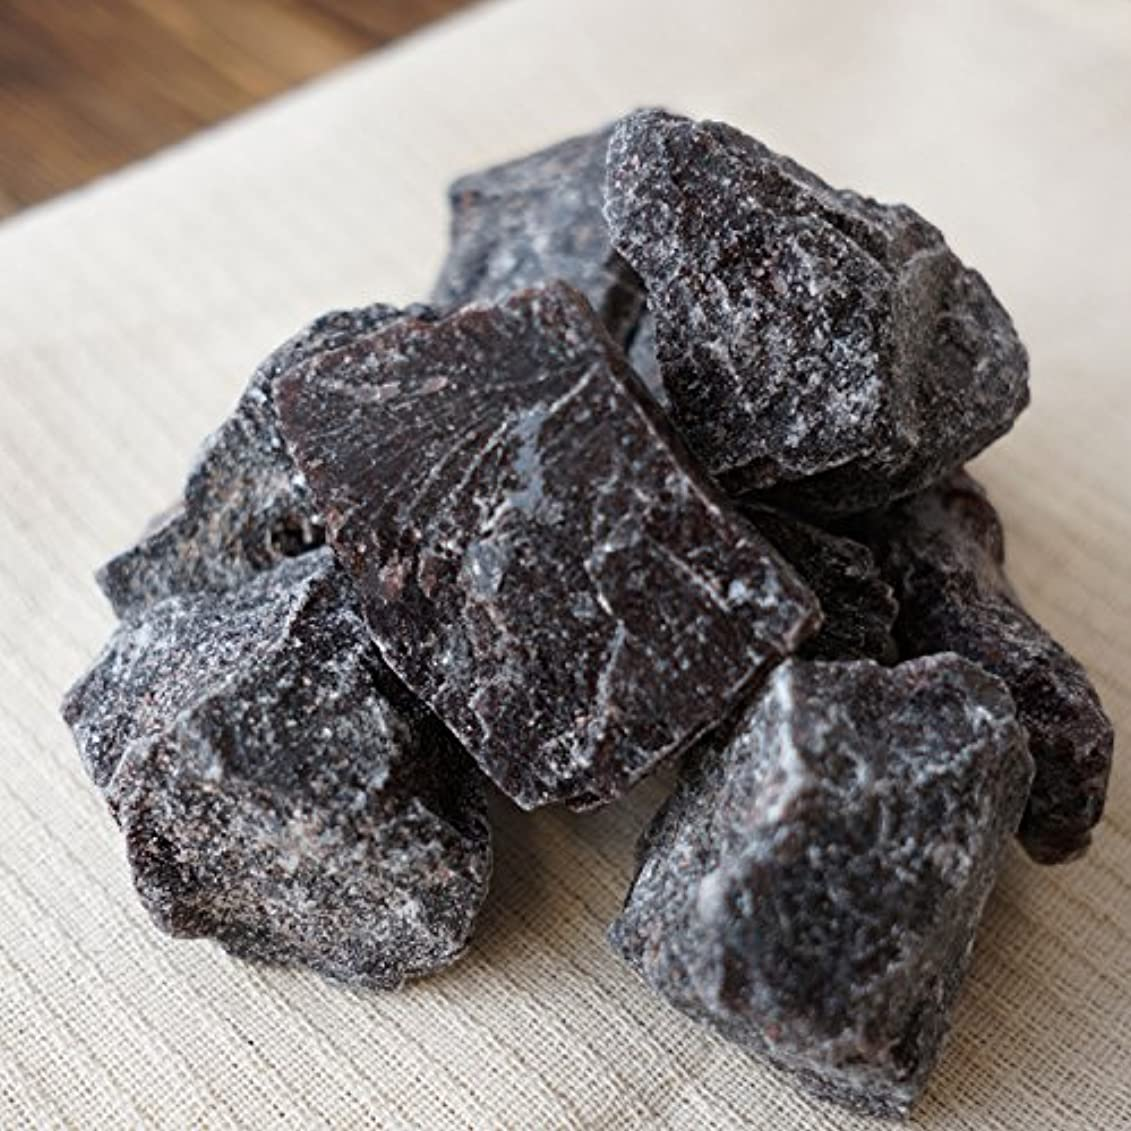 アクションジム言い直す希少 インド岩塩 ルビー ブロック 約2-5cm 10kg 10,000g 原料